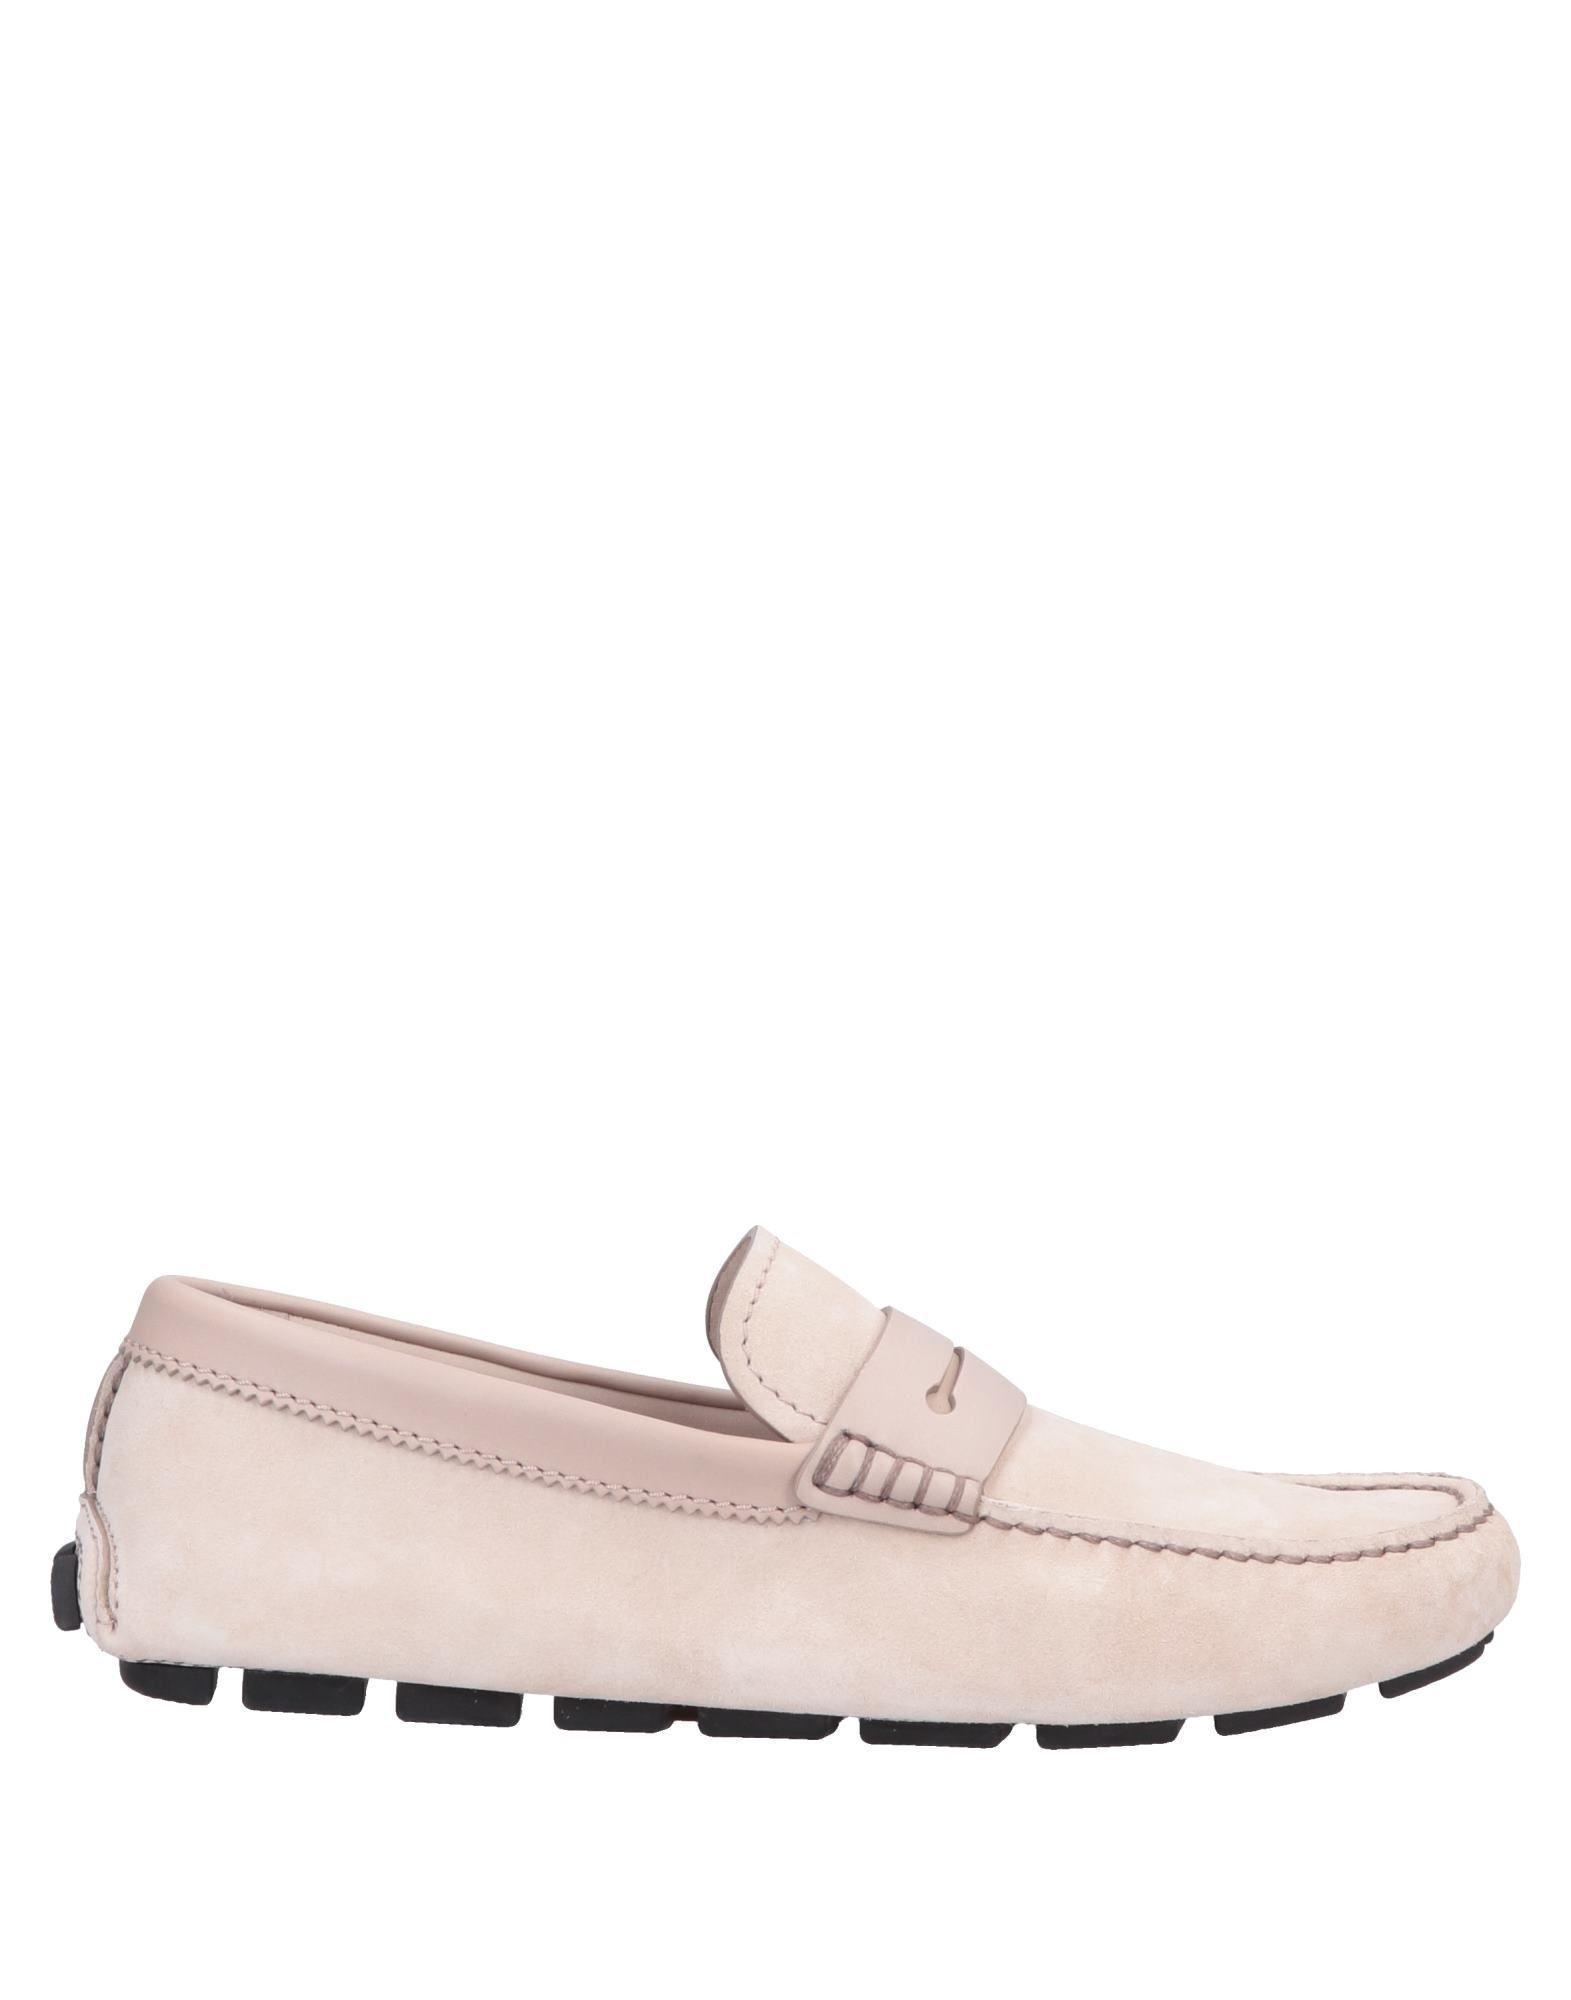 707e02f8739 Lyst - Ermenegildo Zegna Loafer in White for Men